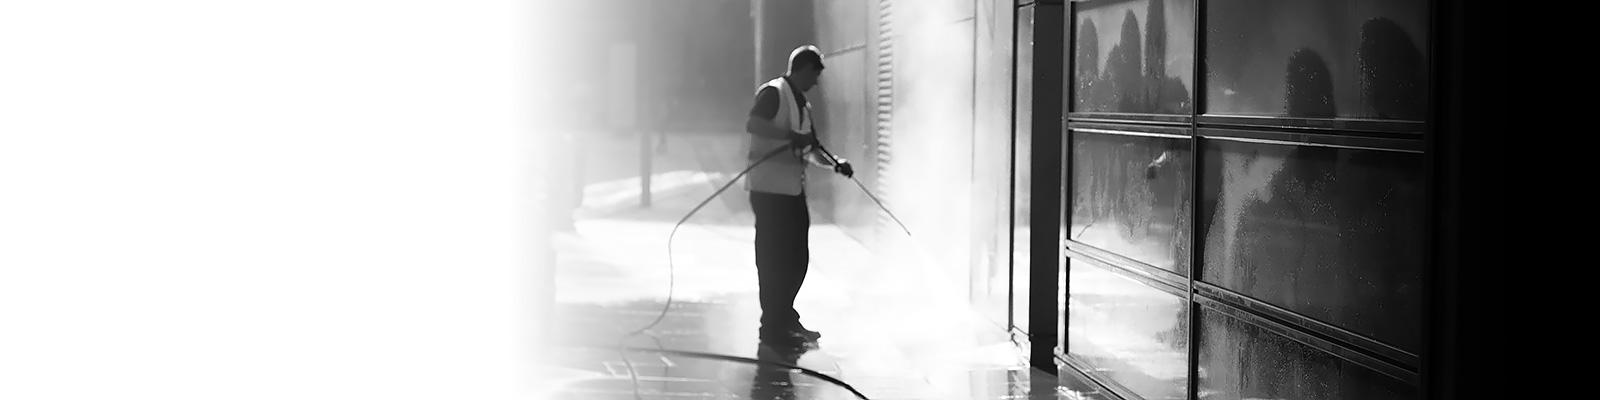 イギリス 清掃 スタッフ イメージ